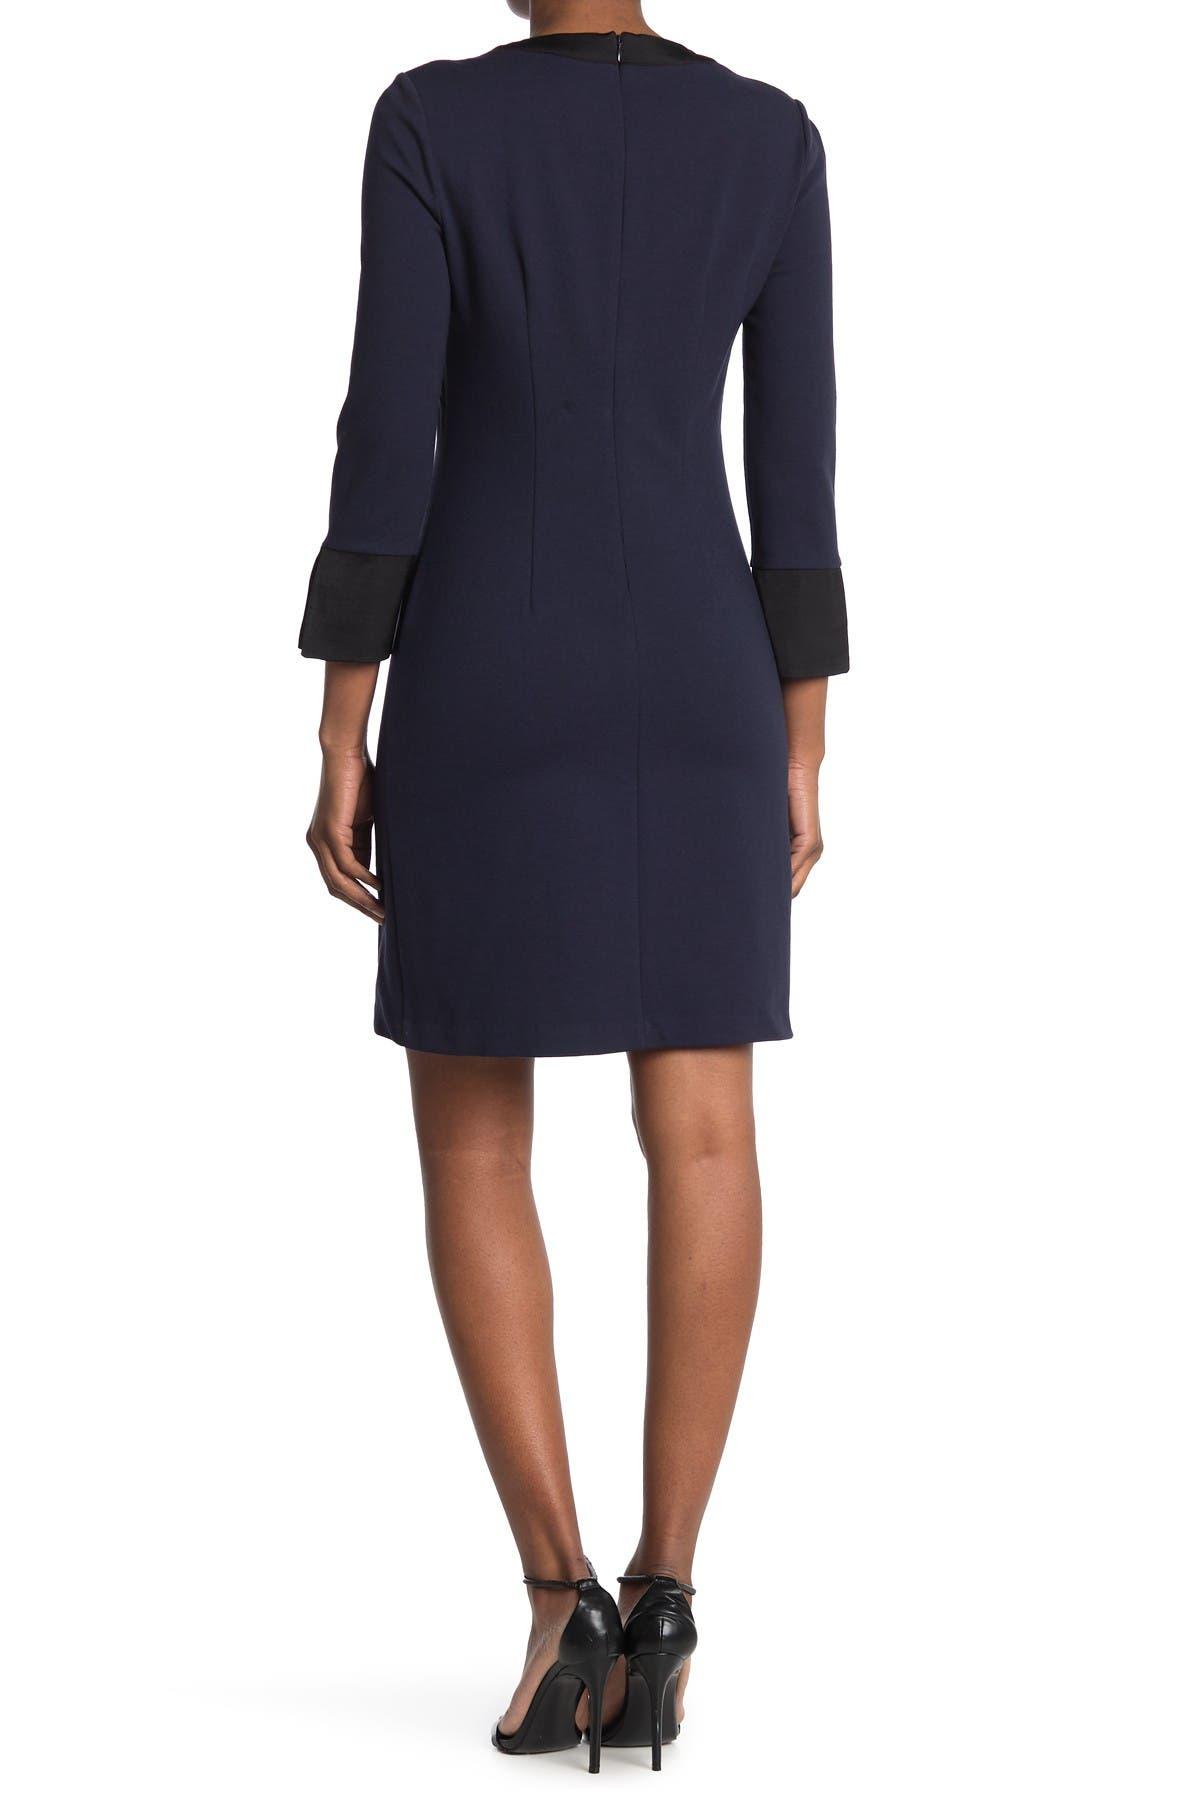 Image of BODEN Josie Ponte Dress